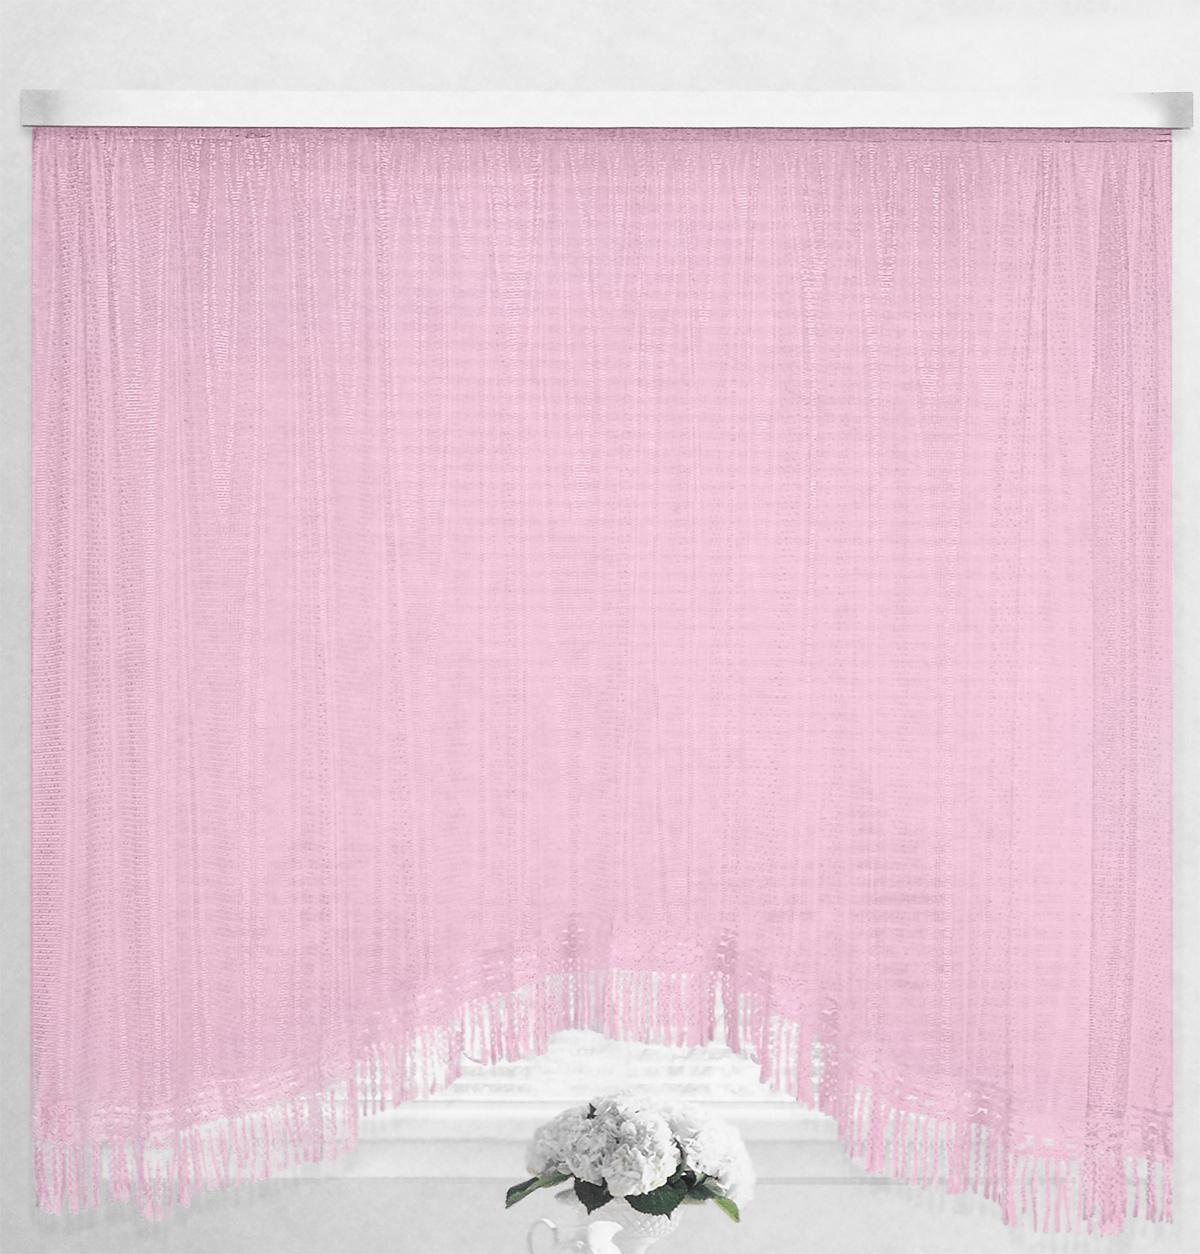 Штора-арка ТД Текстиль Капли росы, на ленте, цвет: розовый, высота 165 см82650_розовыйШтора-арка ТД Текстиль Капли росы великолепно украсит любое окно. Штора выполнена из качественного сетчатого полиэстера и декорирована бахромой. Полупрозрачная ткань, оригинальный дизайн и приятная цветовая гамма привлекут к себе внимание и позволят шторе органично вписаться в интерьер помещения. Штора крепится на карниз при помощи шторной ленты, которая поможет красиво и равномерно задрапировать верх. Изделие отлично подходит для кухни, столовой и спальни.